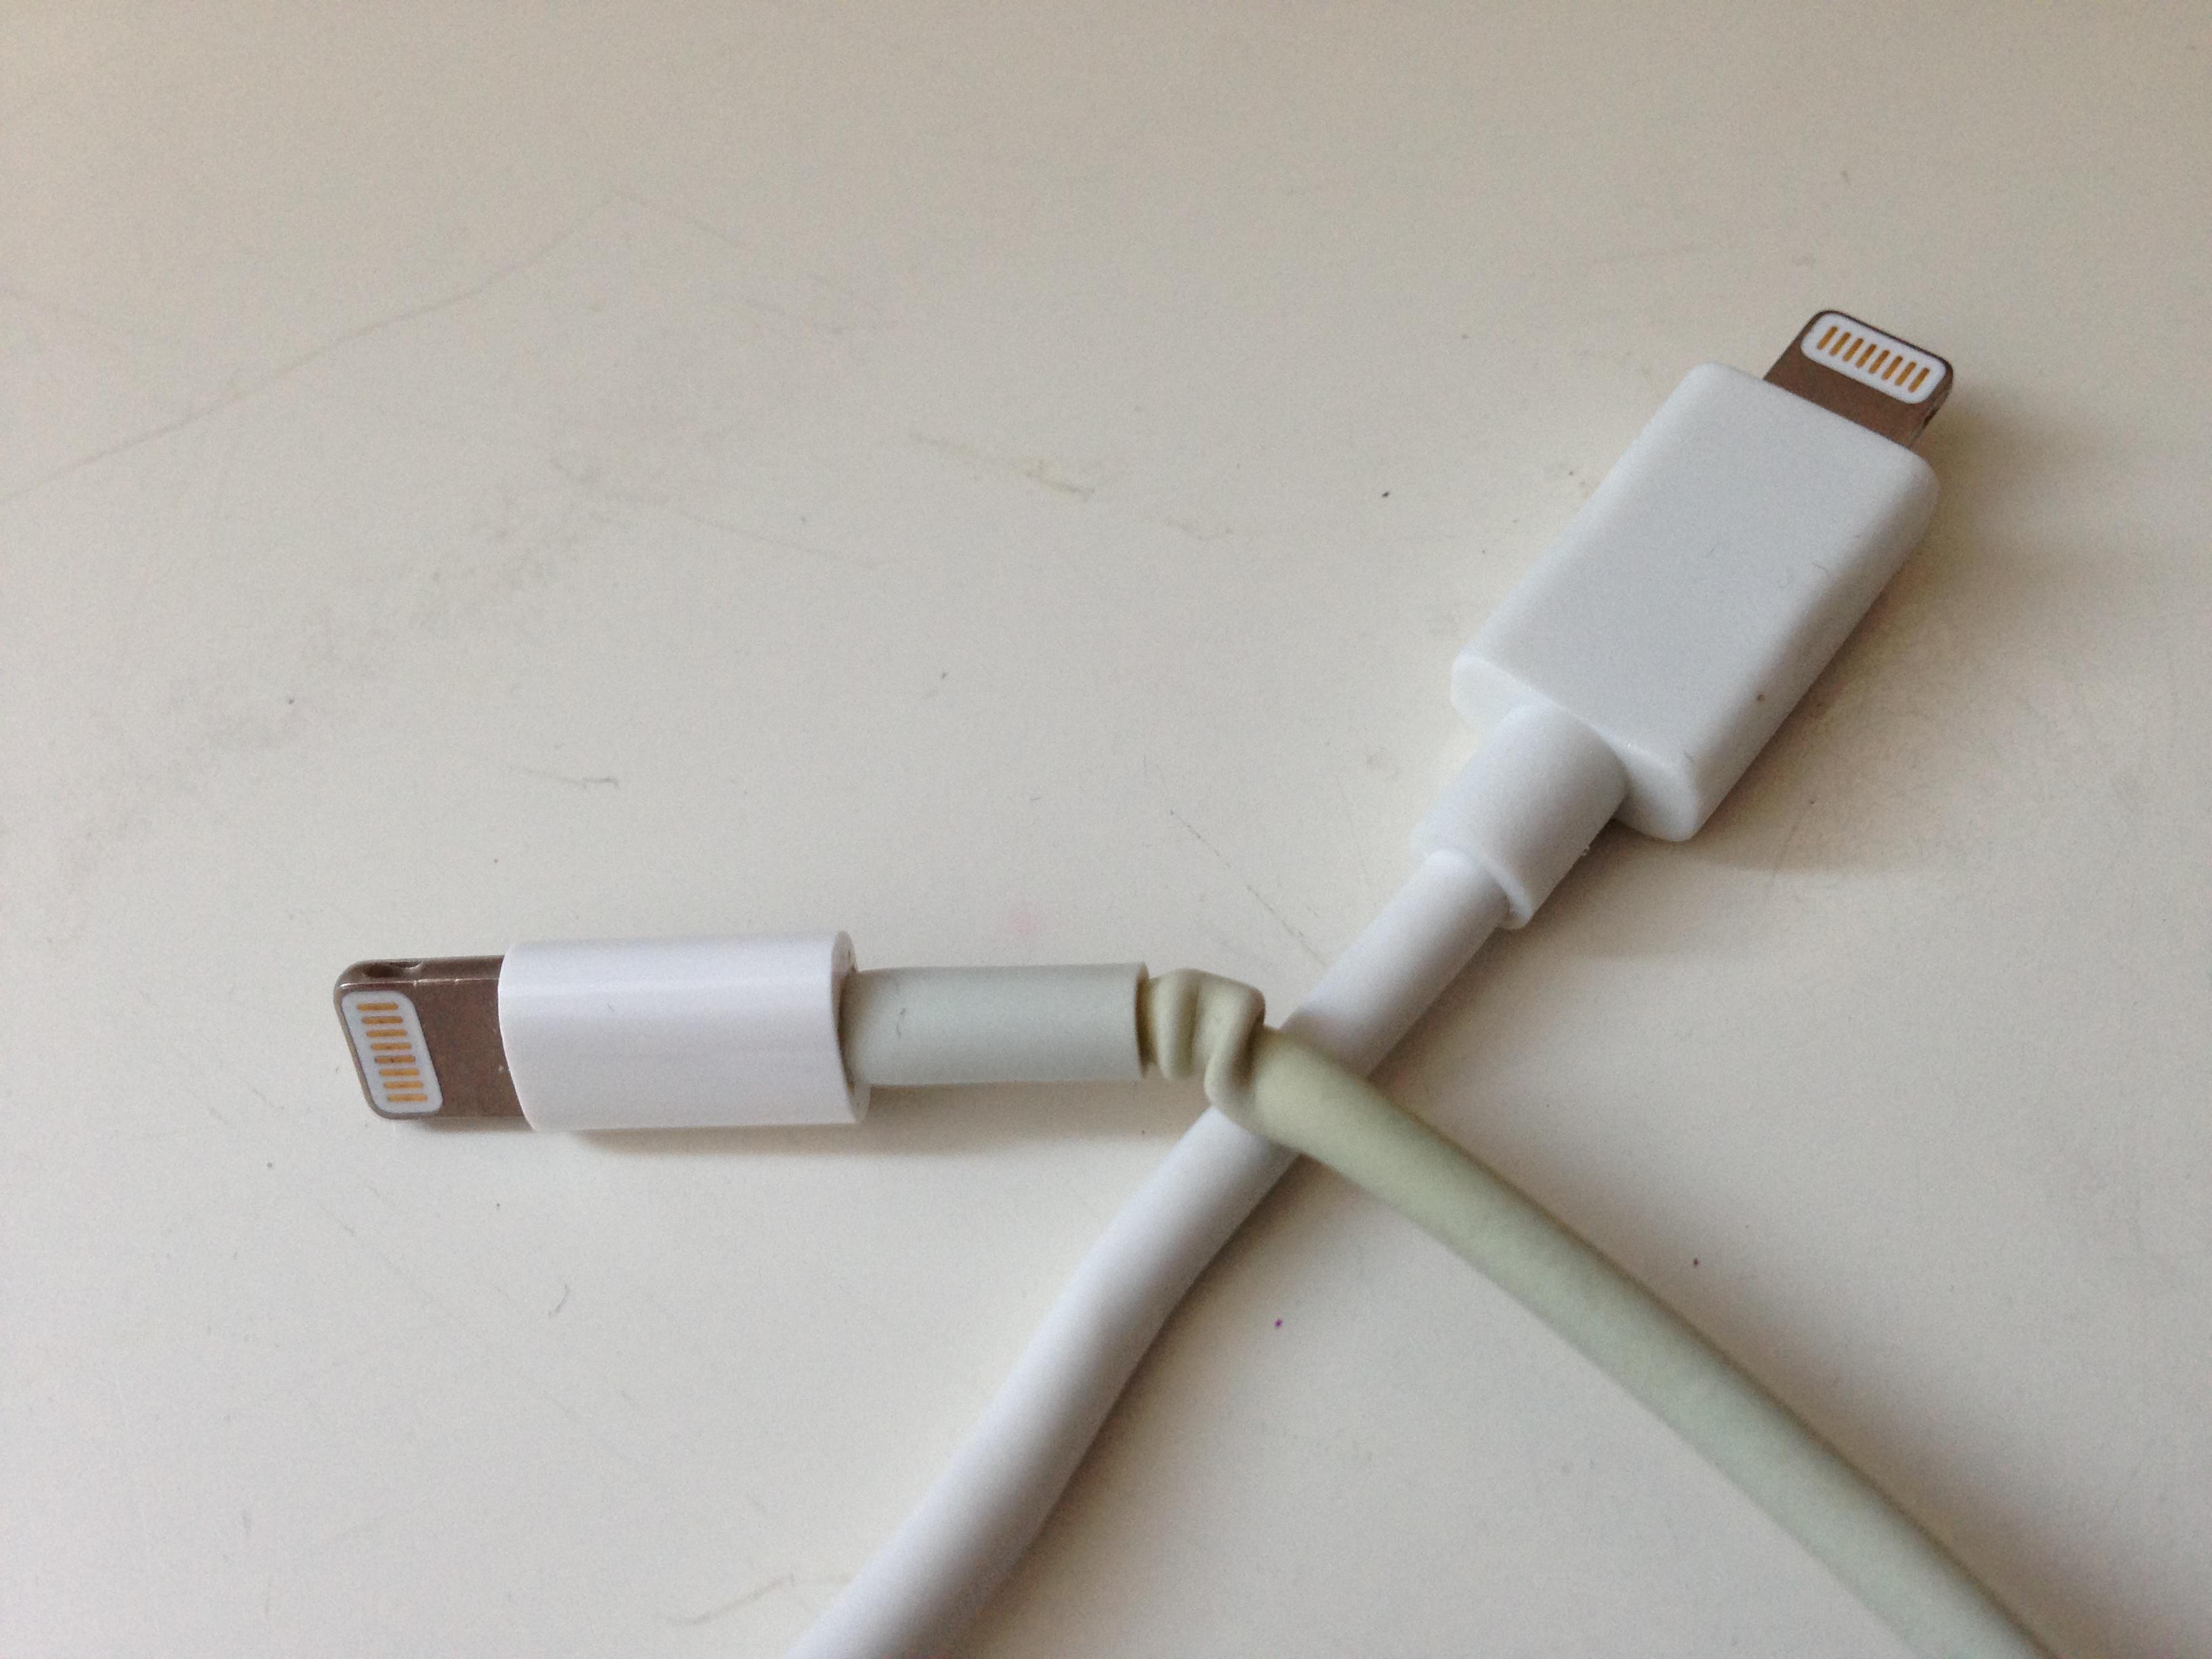 Ein Original-Lightning Kabel von Apple (links) und ein zertifzierter Nachbau von Sandberg (rechts) im Vergleich